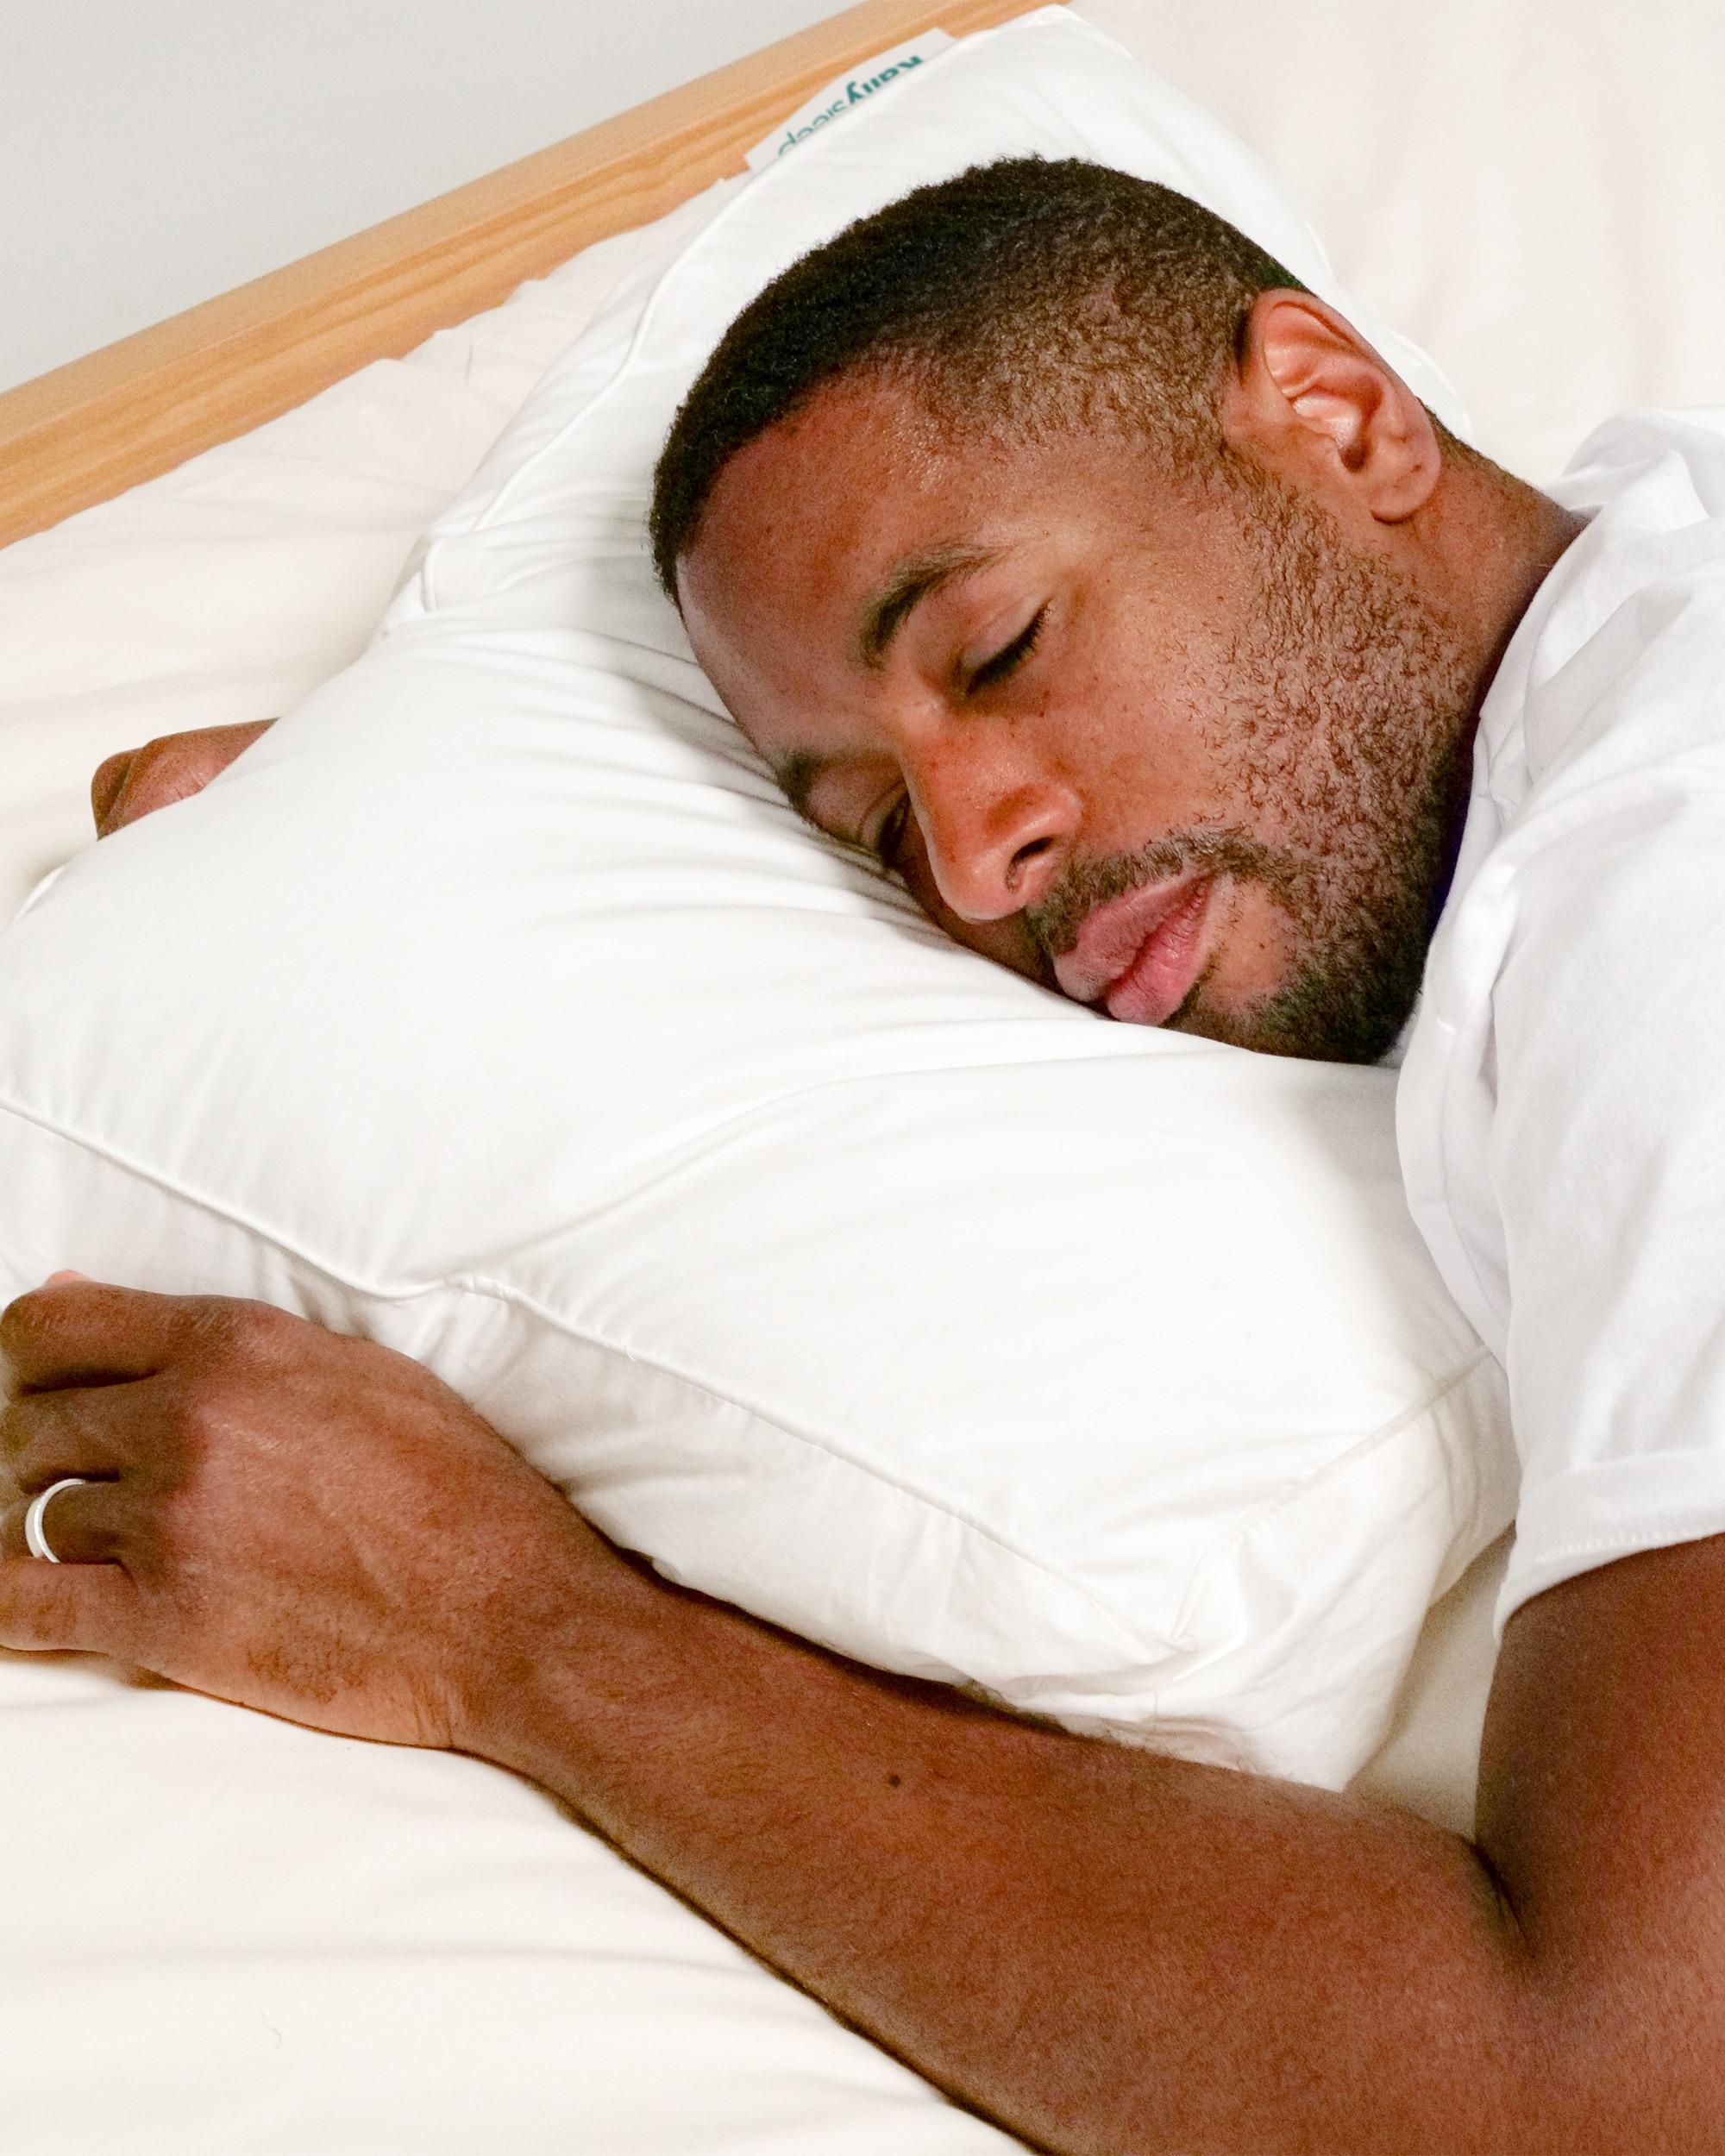 Oreiller Kally Front Sleeper